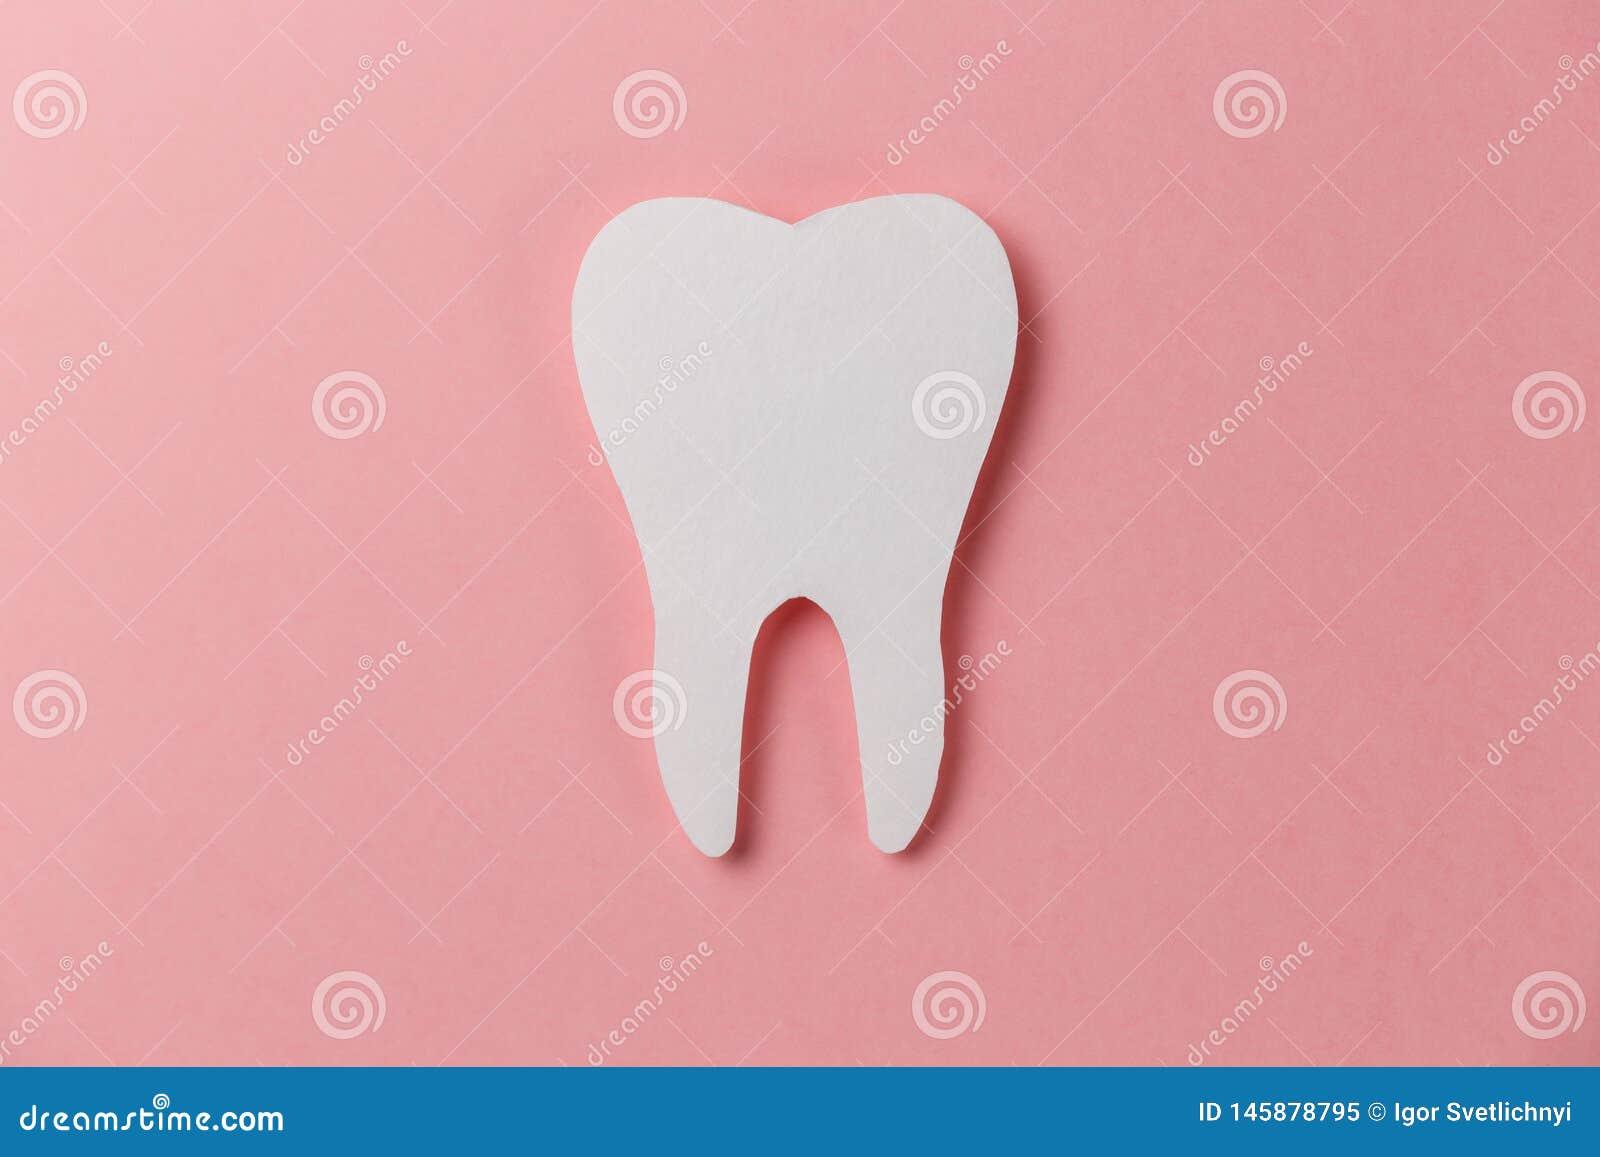 Άσπρο δόντι στο ρόδινο υπόβαθρο